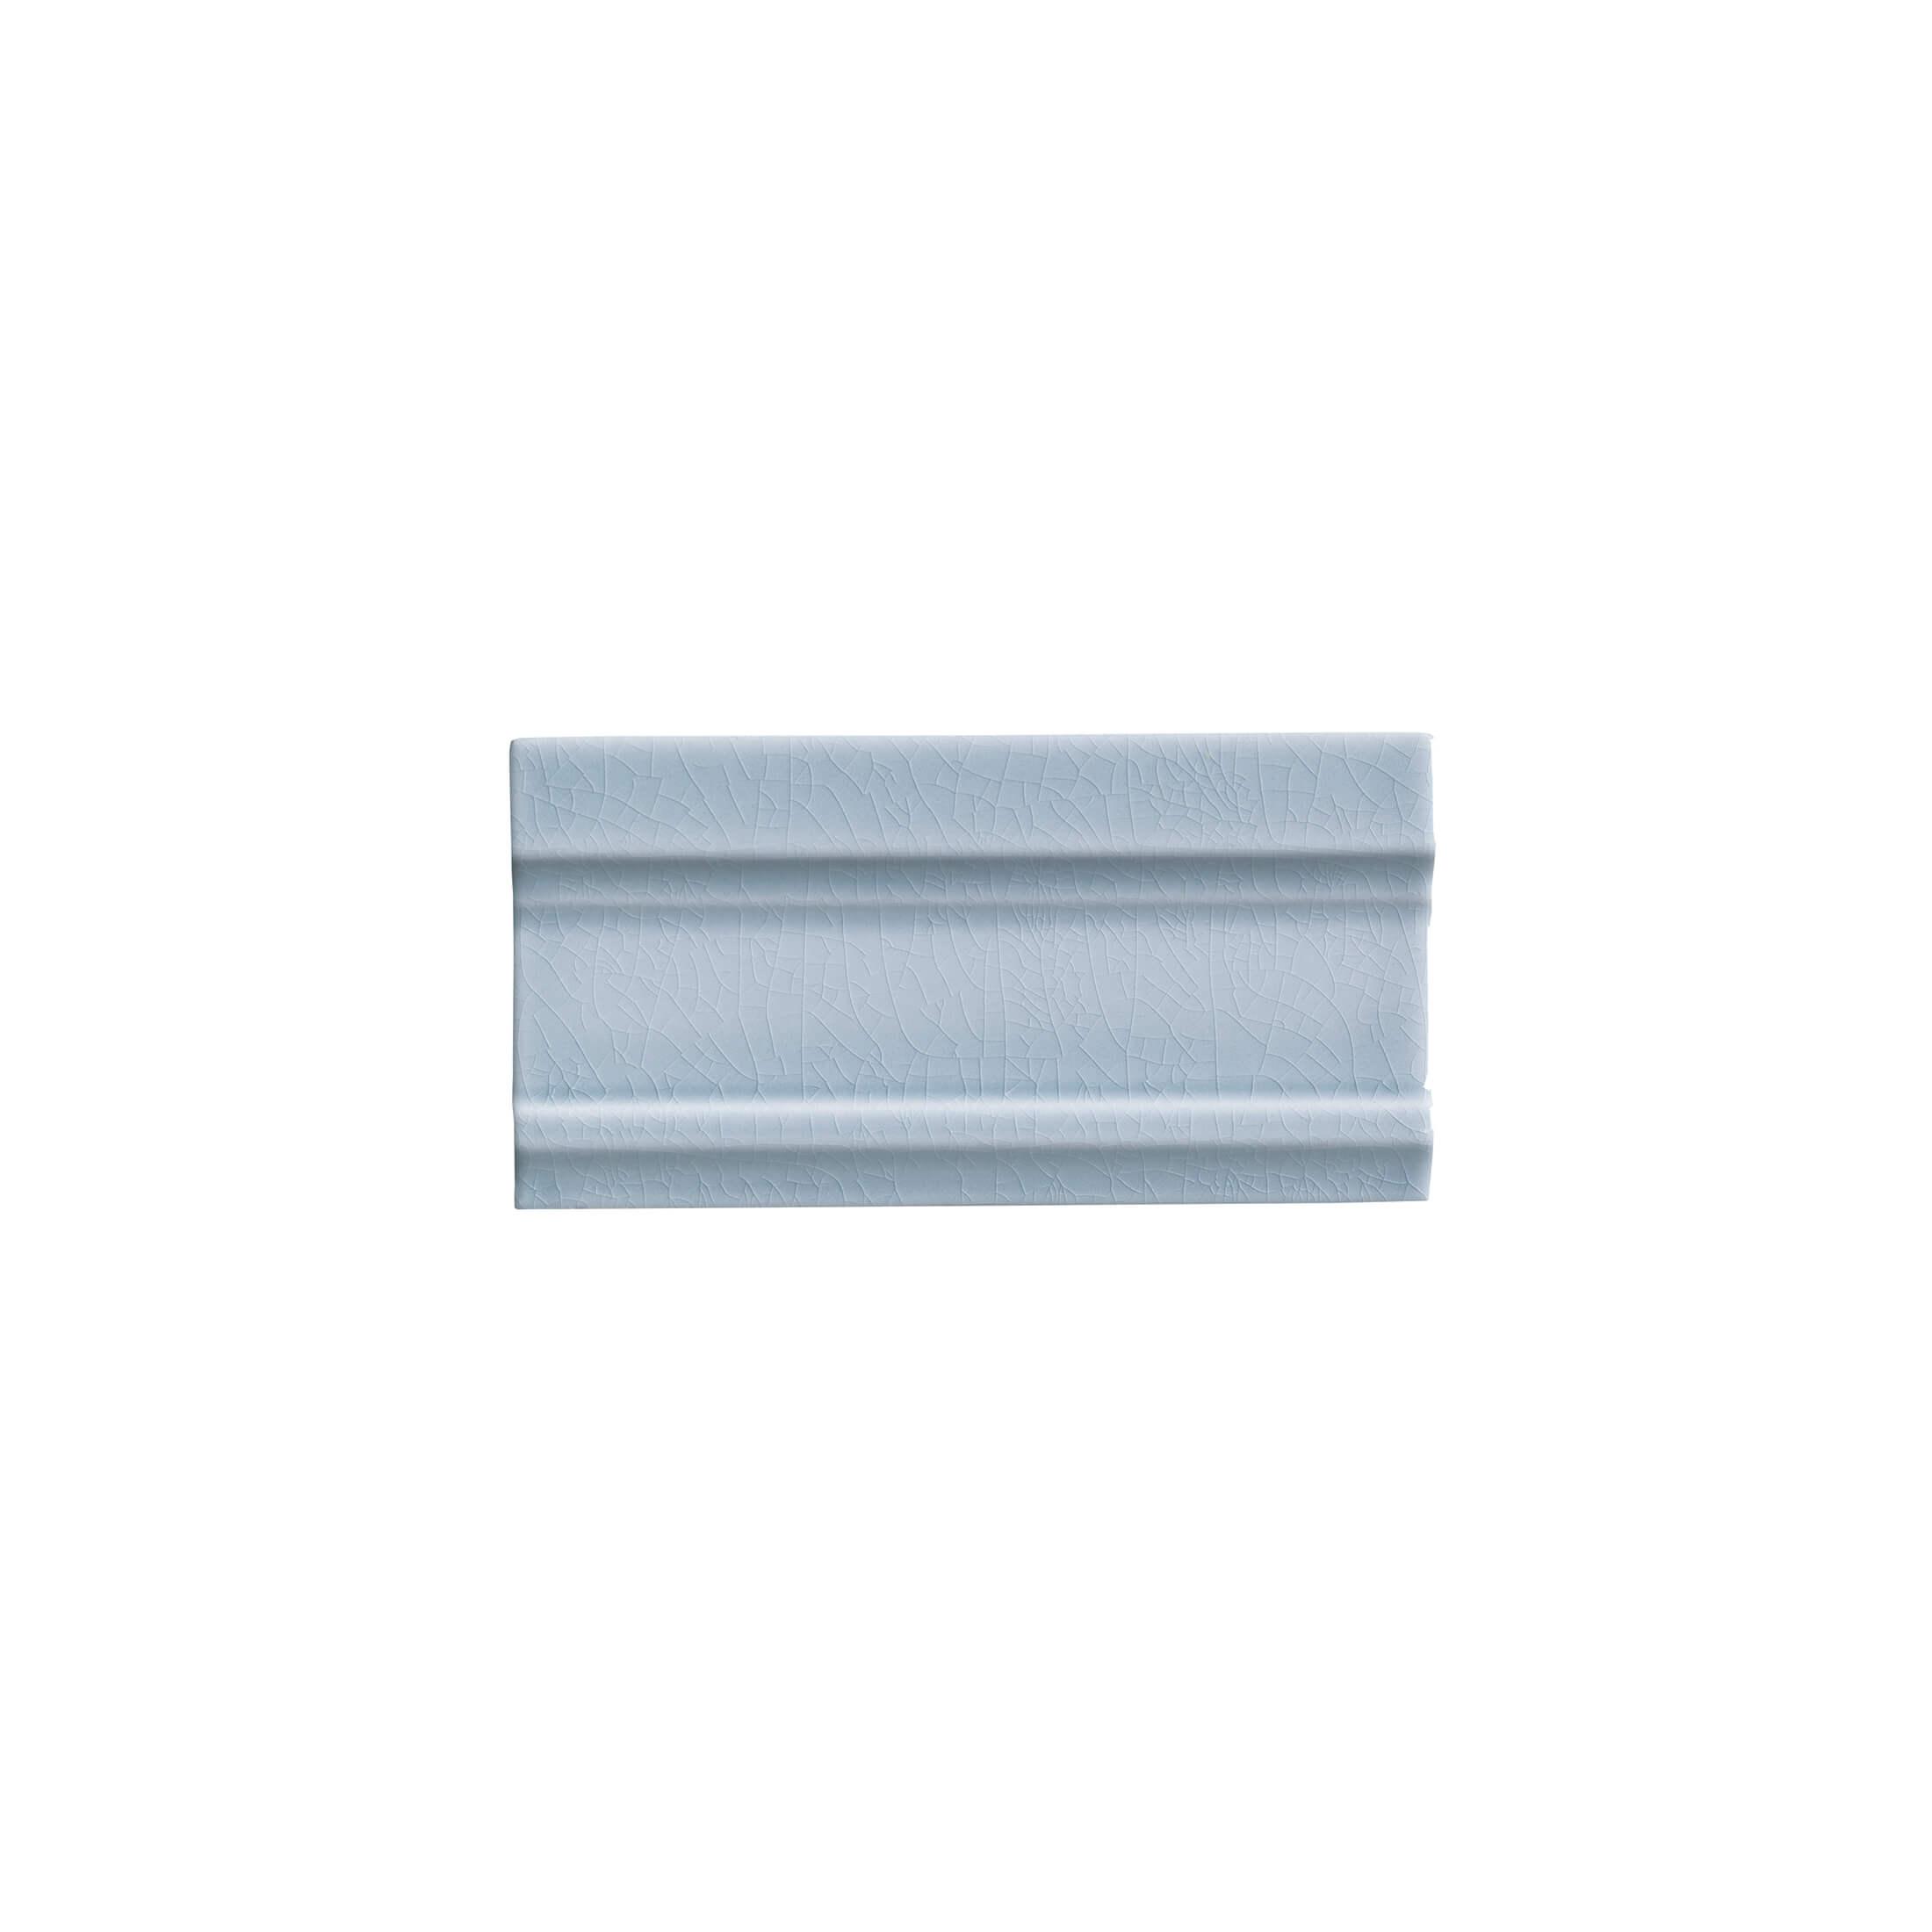 ADMO5441 - CORNISA CLASICA C/C - 7.5 cm X 15 cm